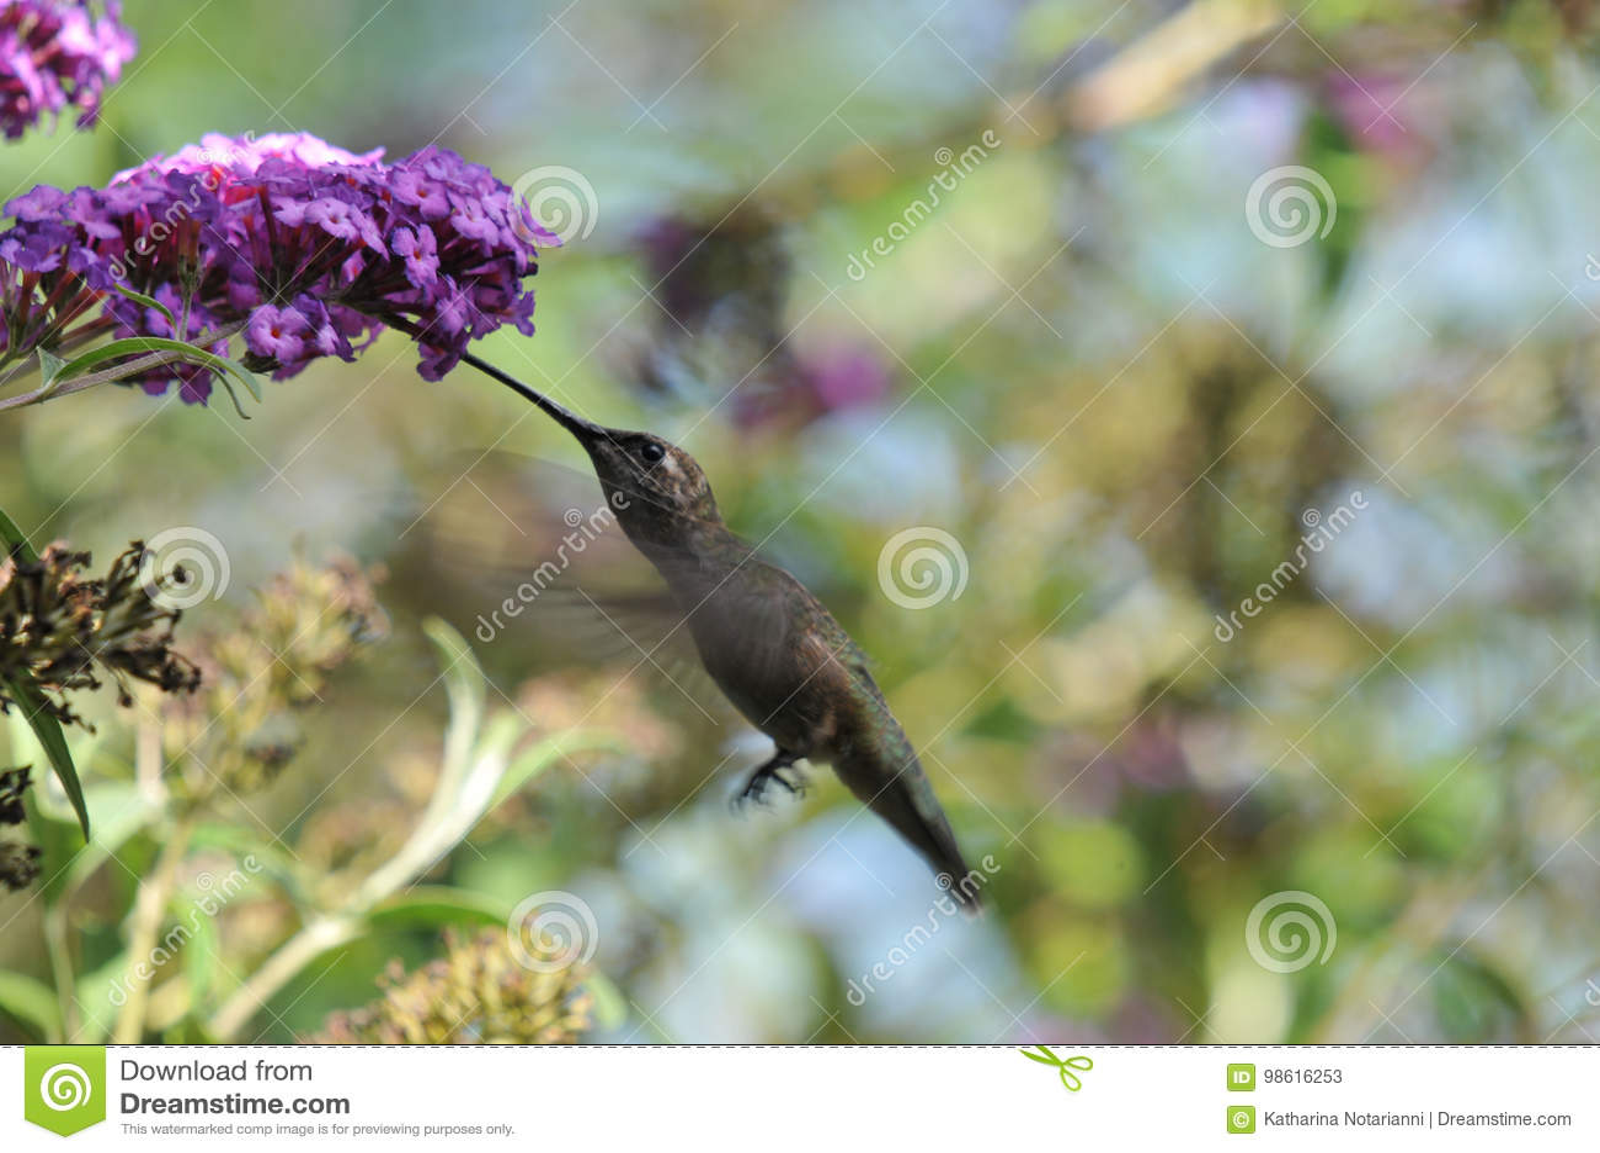 安娜` s蜂鸟Calypte安娜飞行,当喝从蝴蝶灌木丛时的花蜜